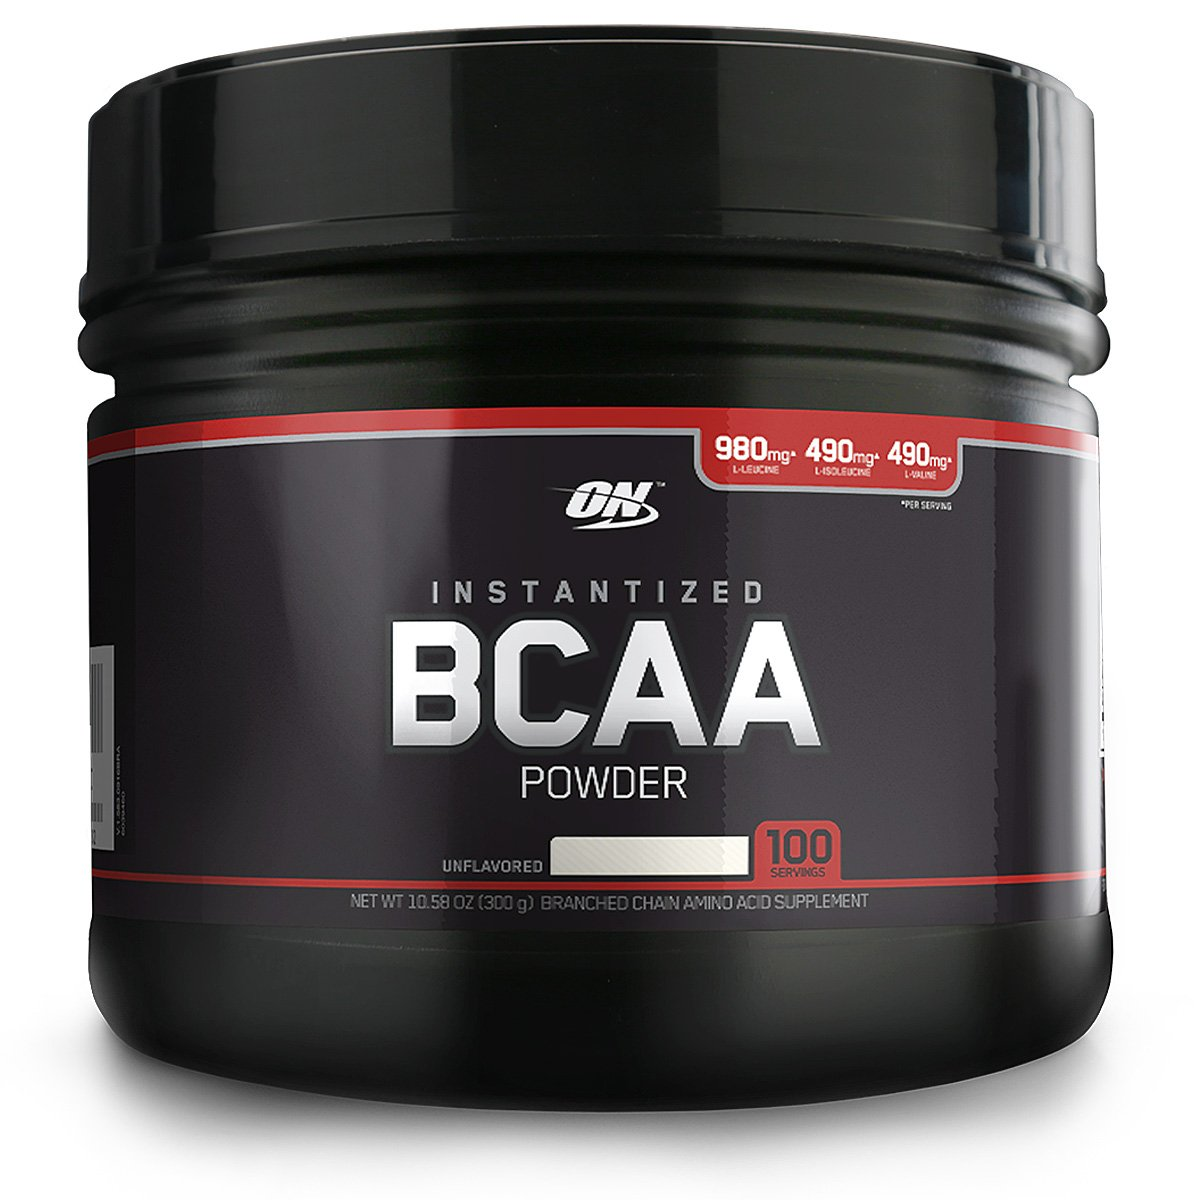 BCAA Optimum Nutrition com os melhores preços   Netshoes ec8c19d09b